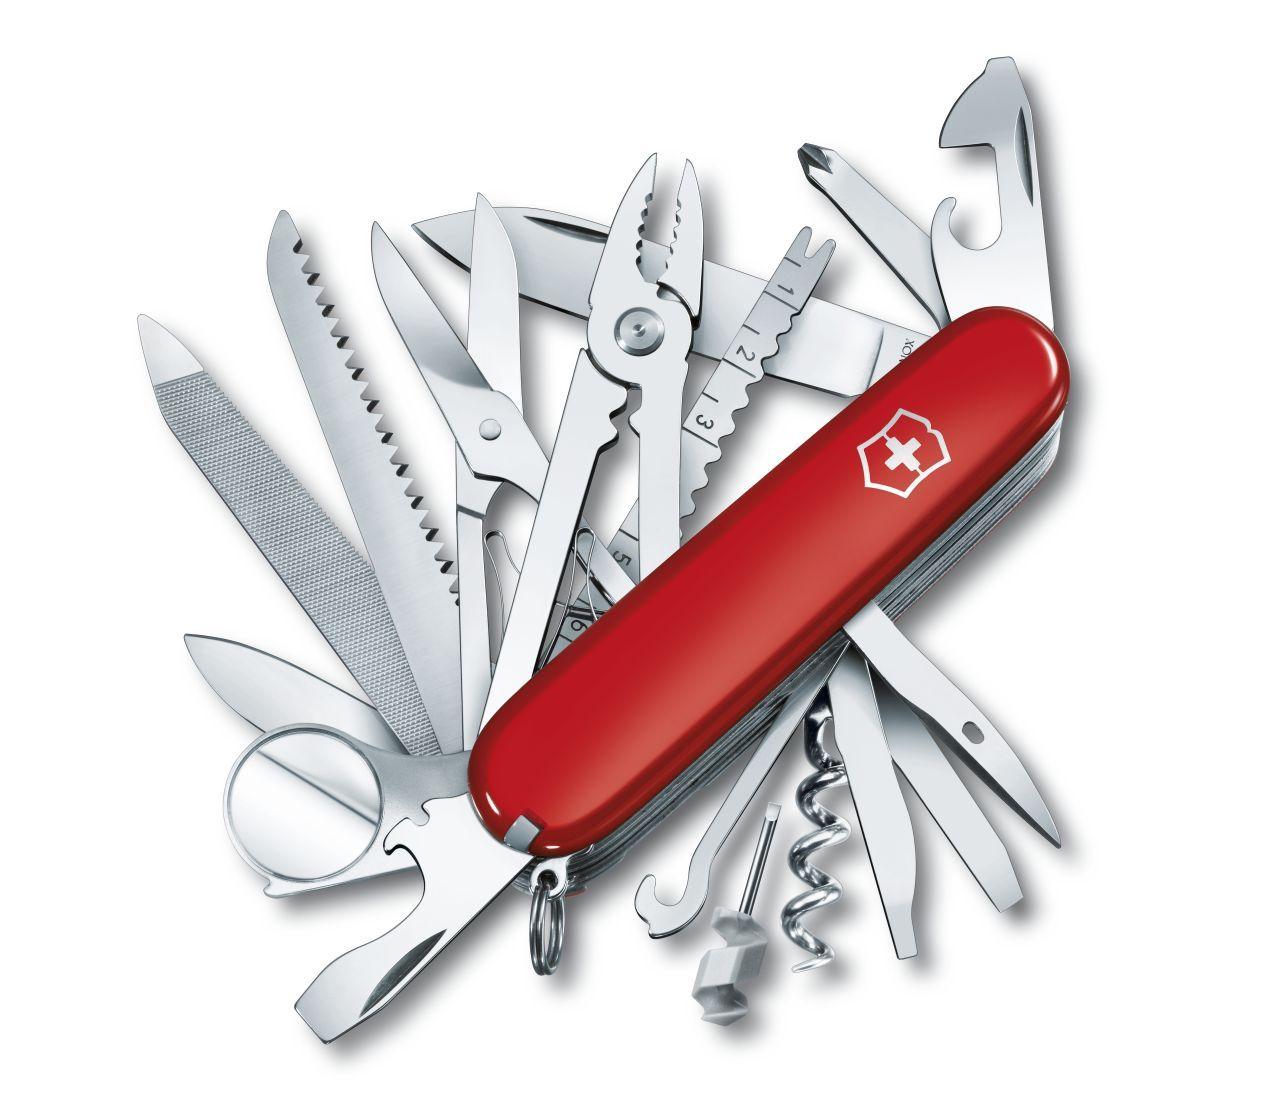 Canivete Suíço Victorinox Swisschamp Vermelho 33 funções Original.  - Mix Eletro